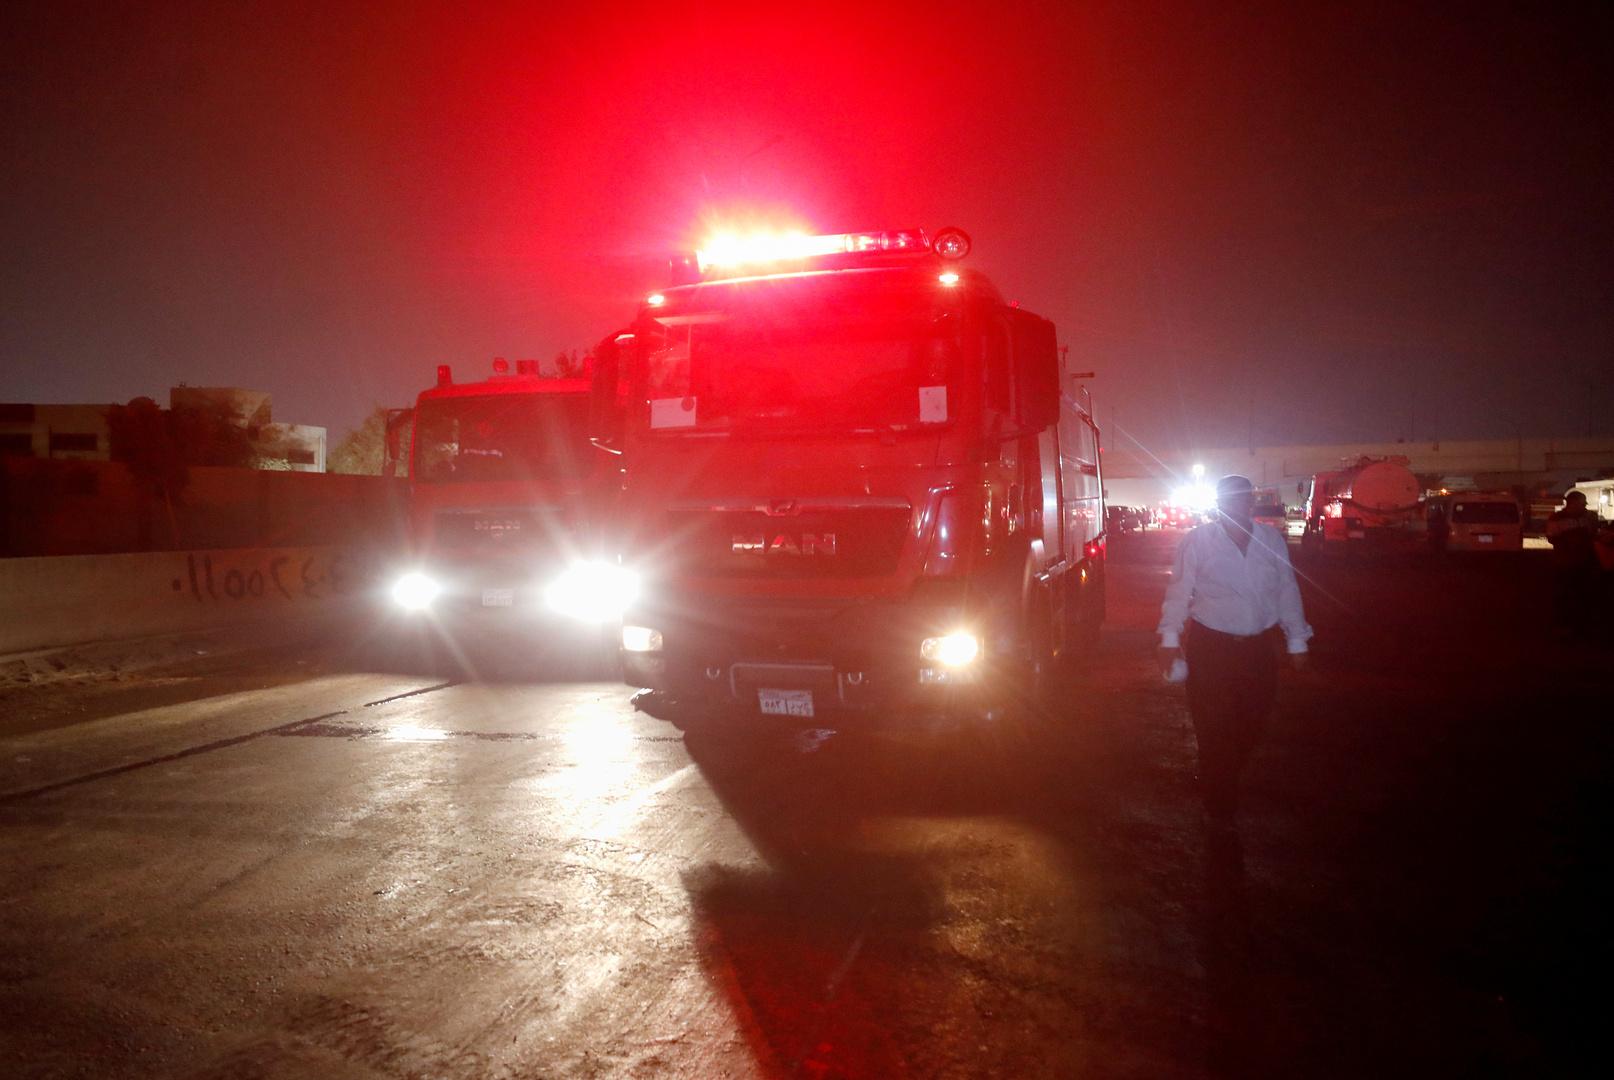 مصر..حريق هائل في مقهى مشهور بالشرقية يتسبب في خسائر مادية كبيرة (صور)